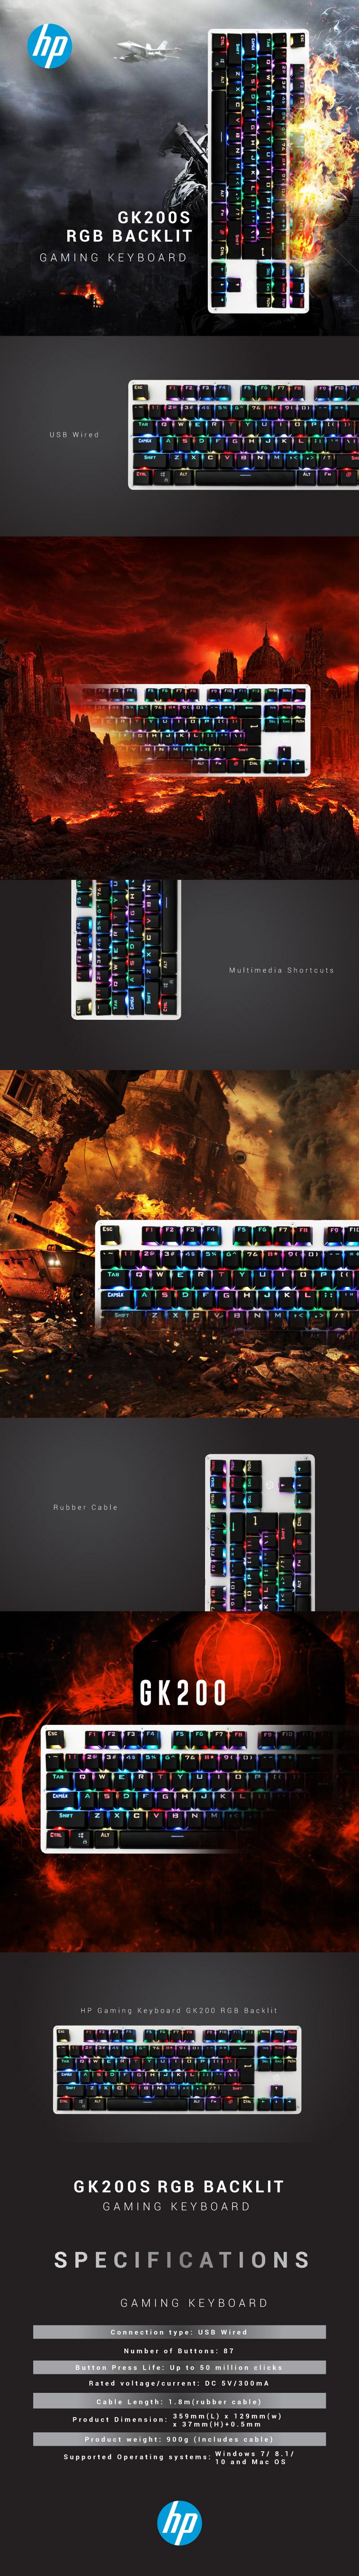 hp gk200s mechanical keyboard